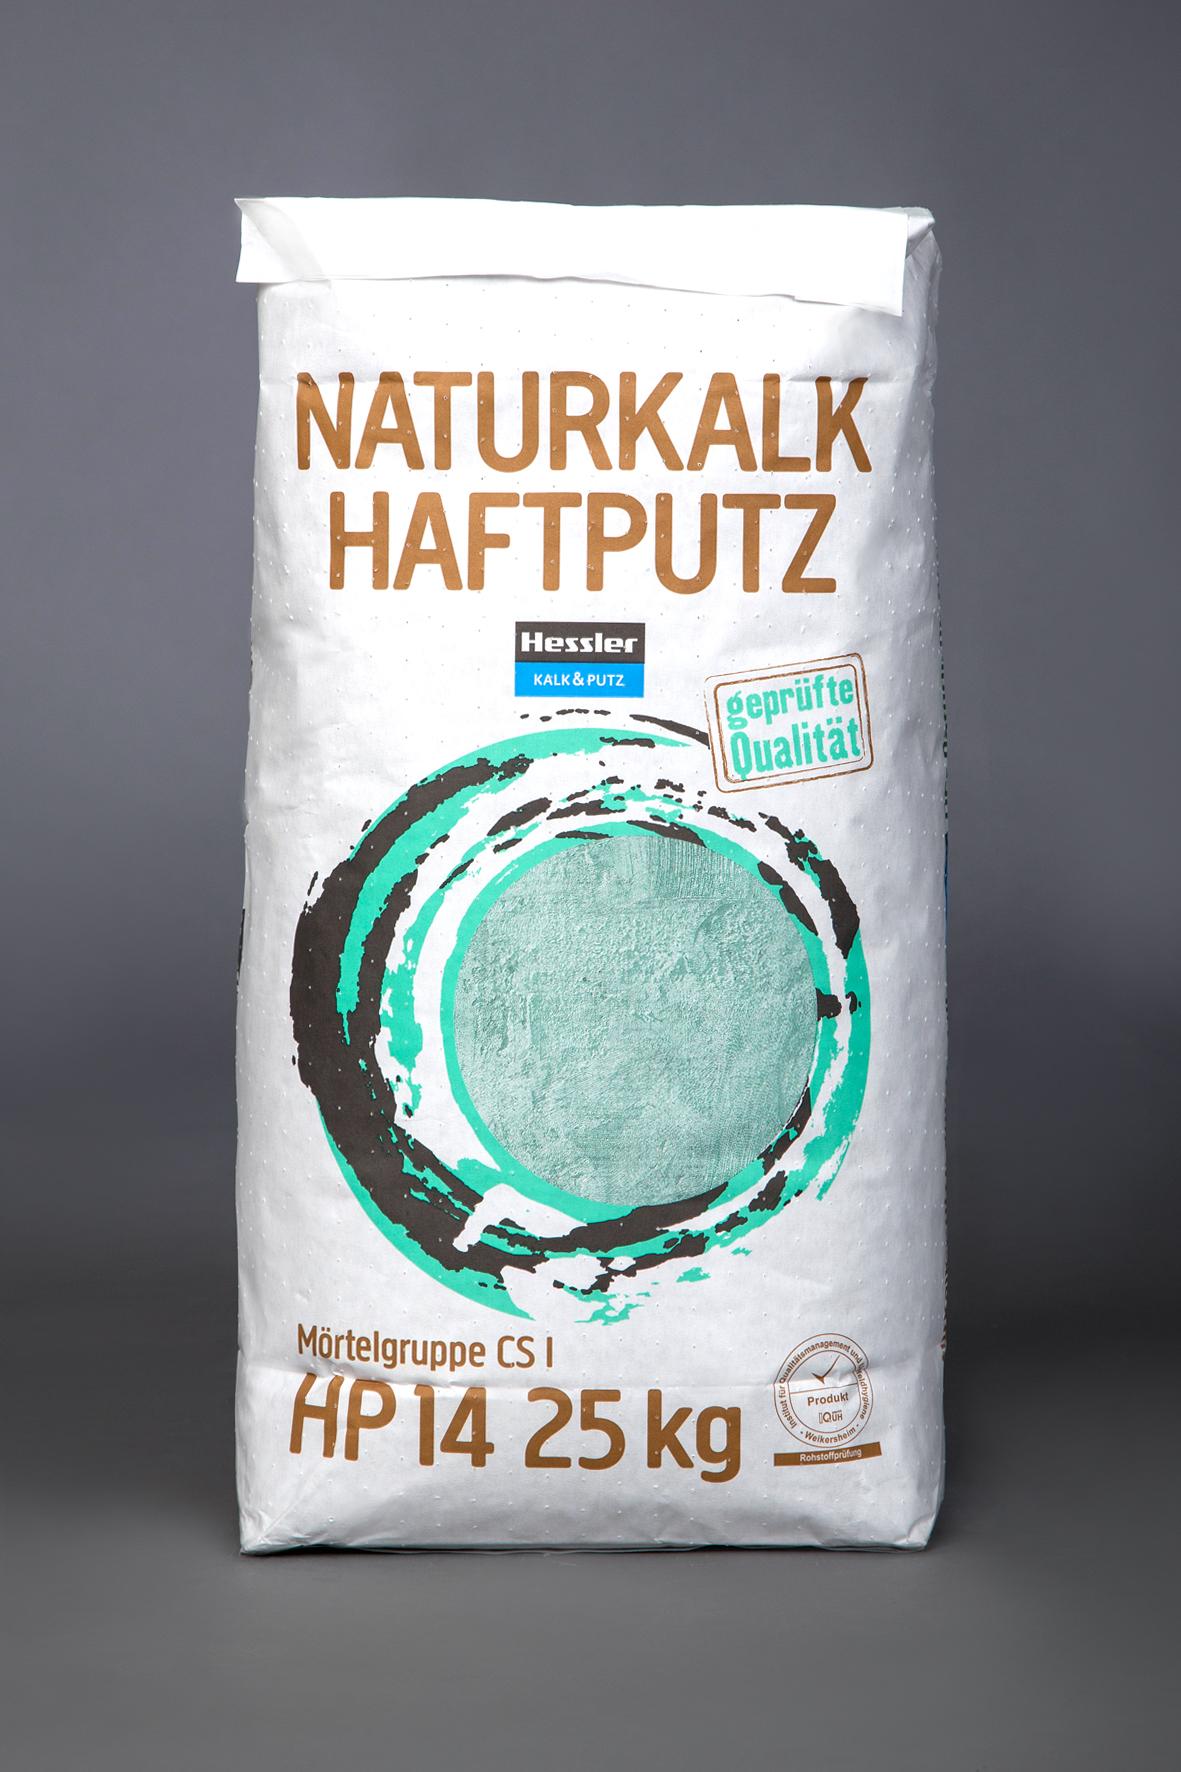 Hessler Kalk-Haftputz HP14 · 25kg